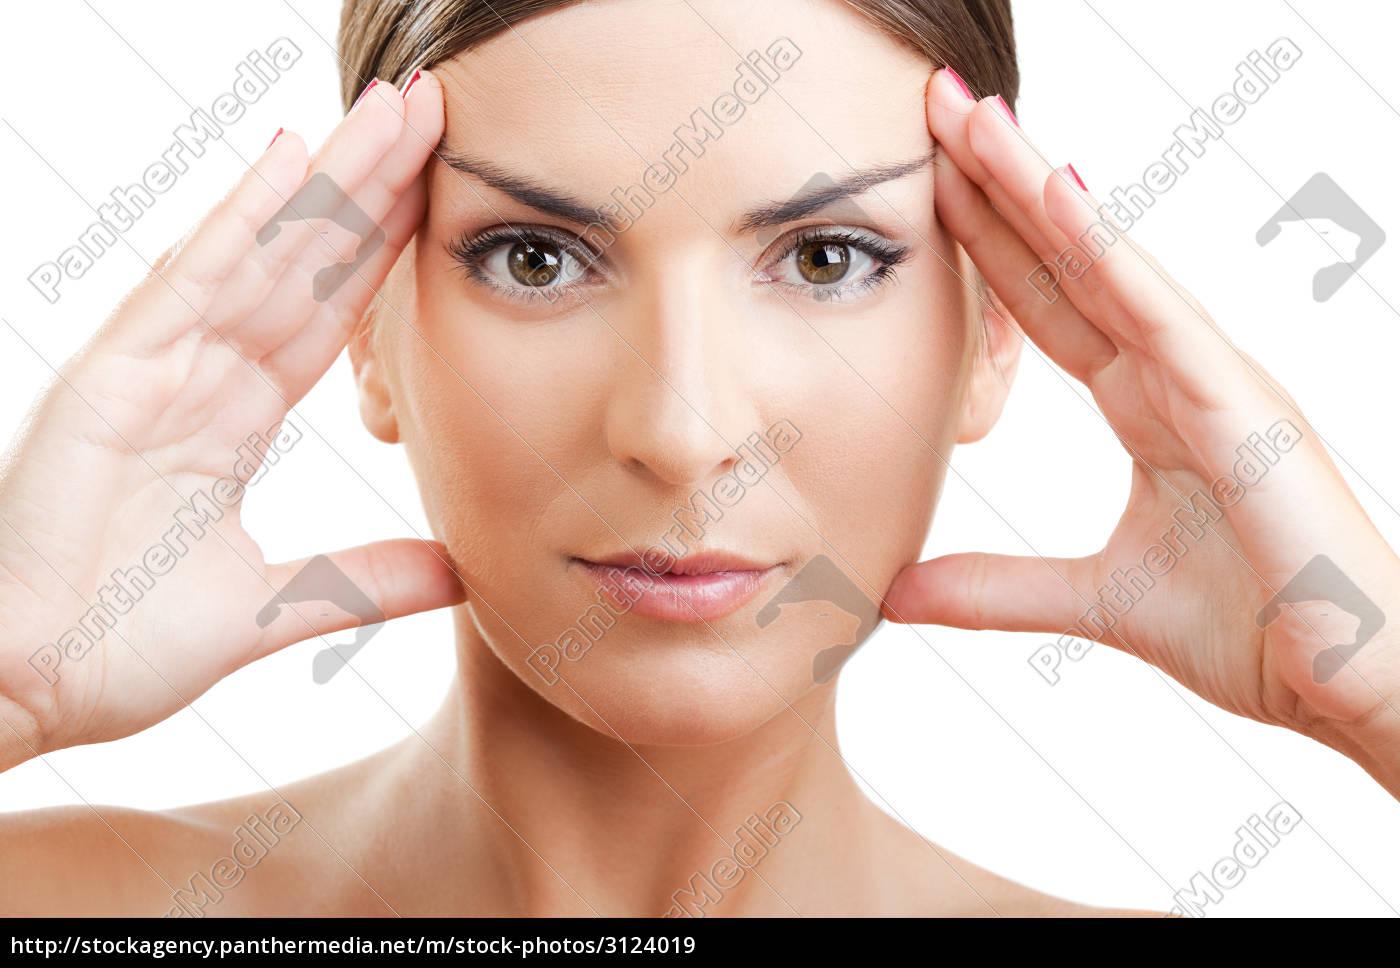 wrinkles, treatment - 3124019